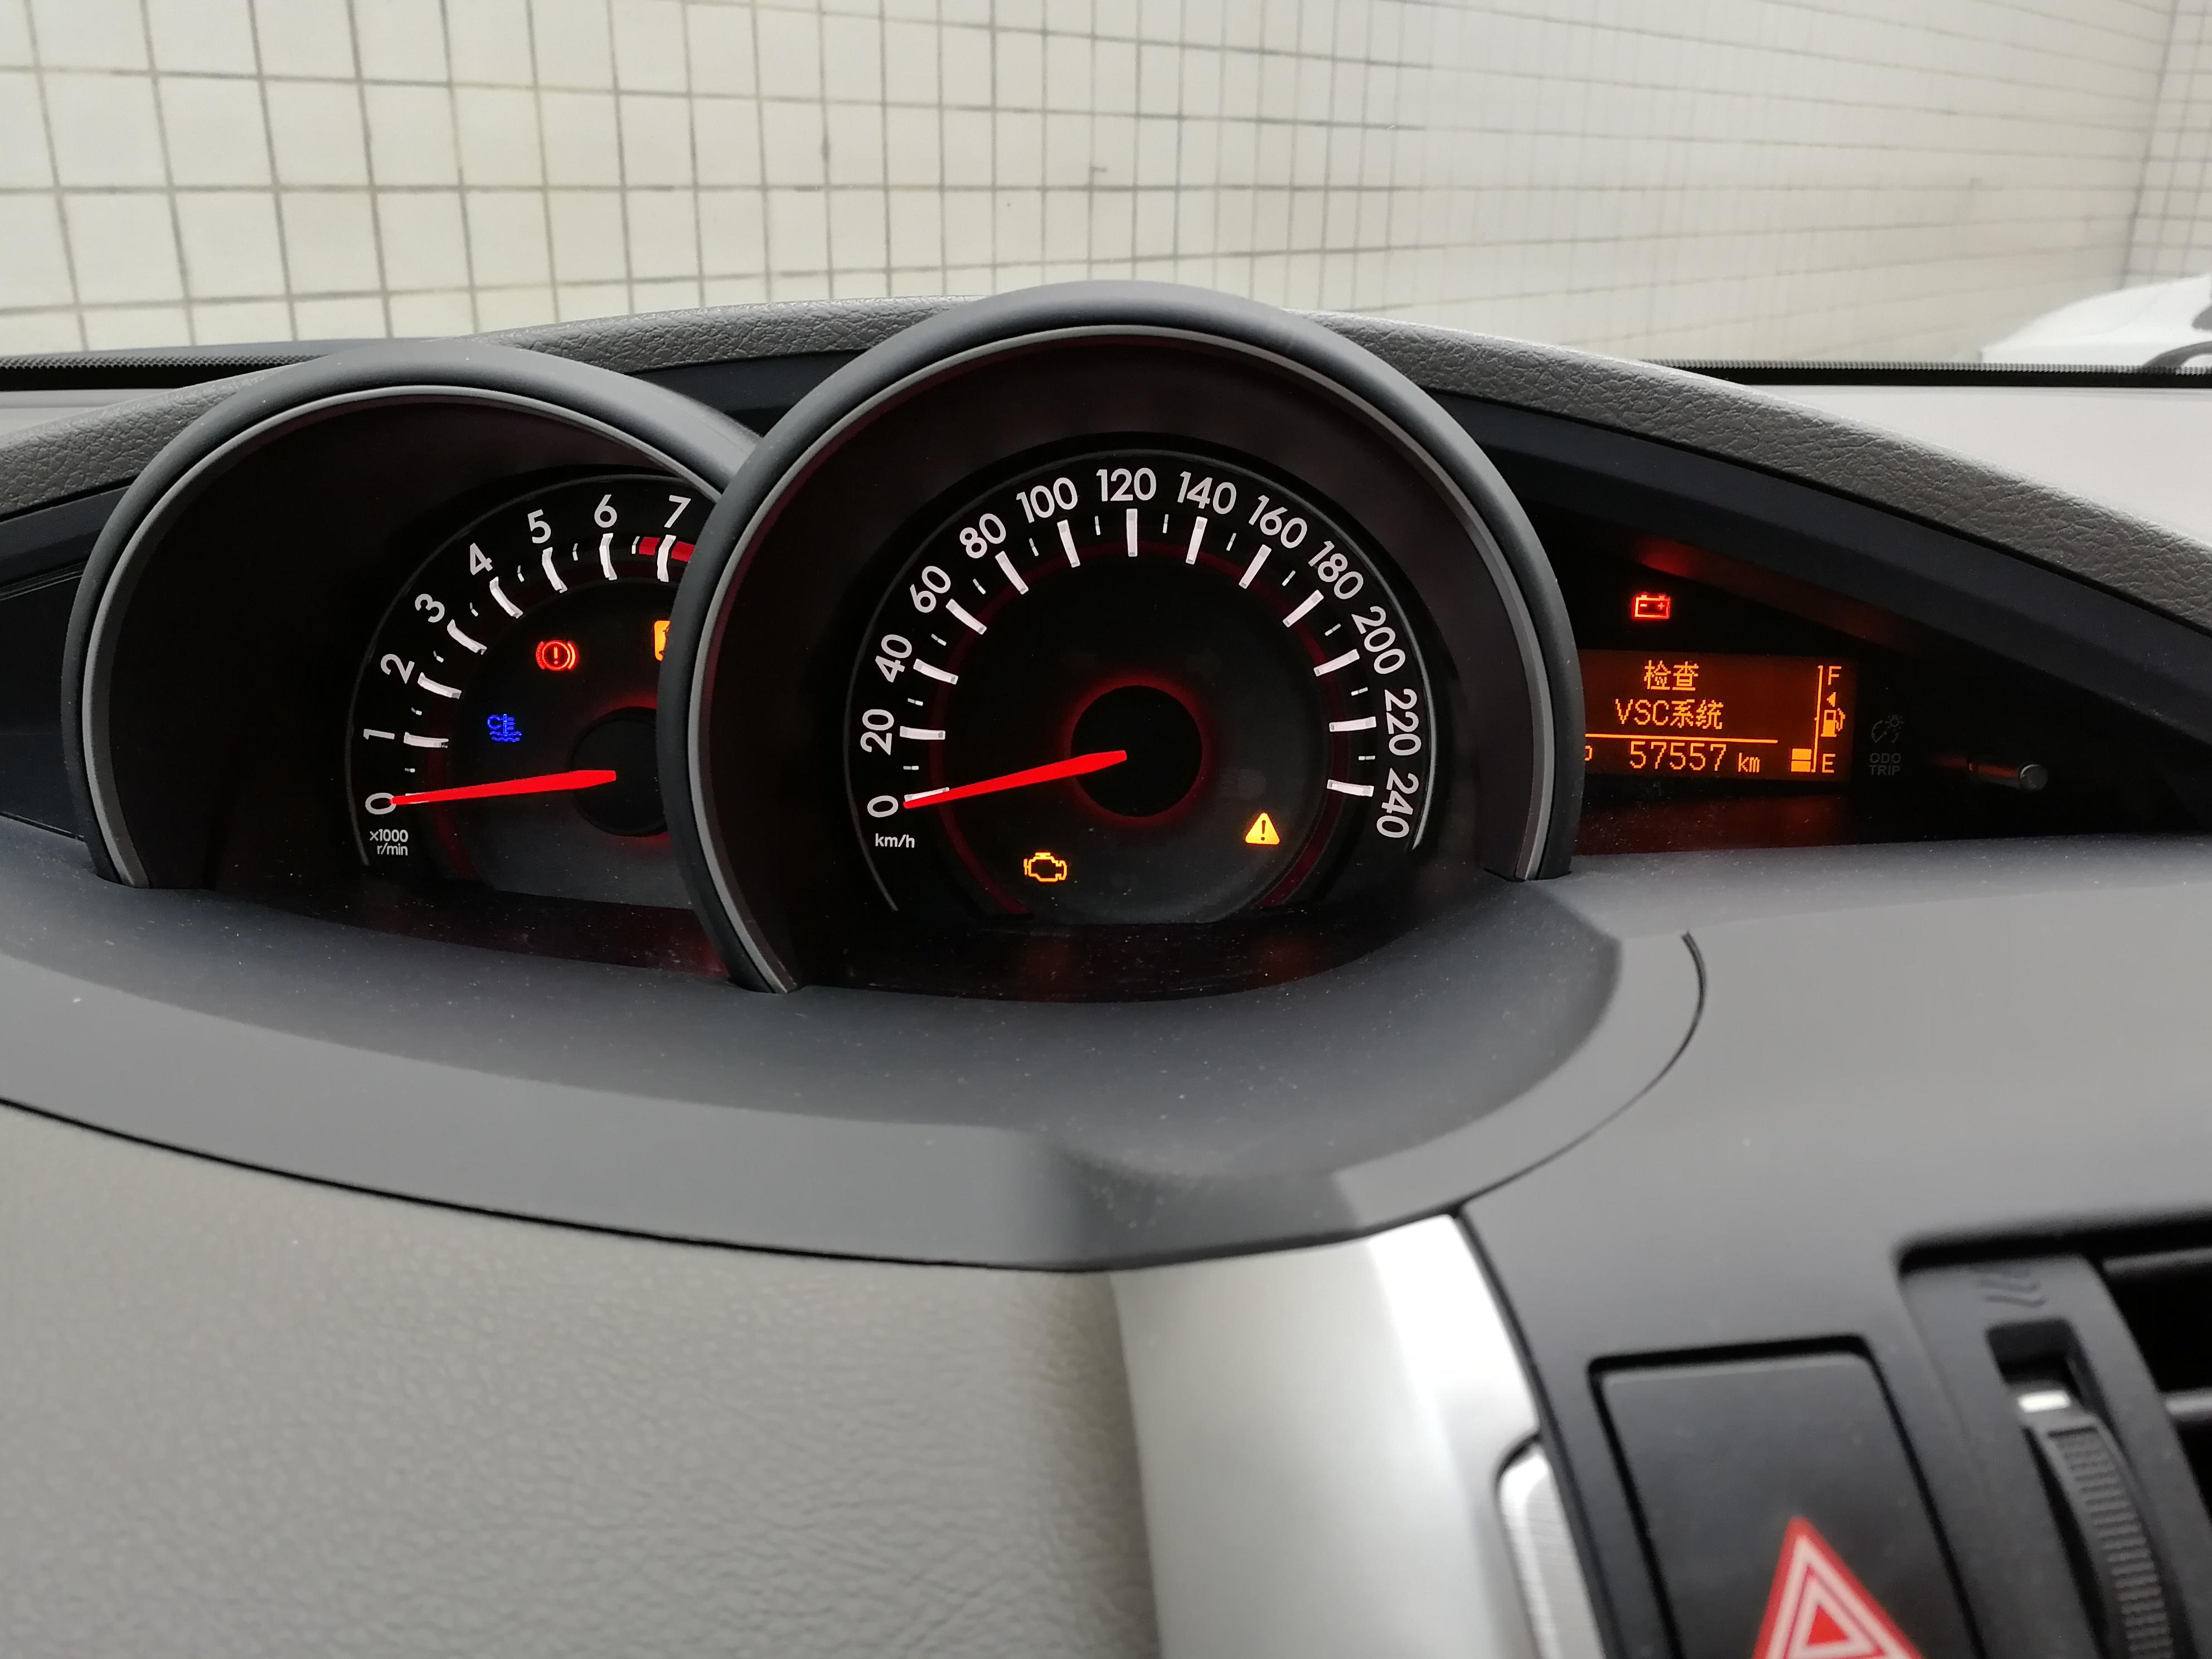 丰田-逸致 发动机连杆断裂导致缸体打穿